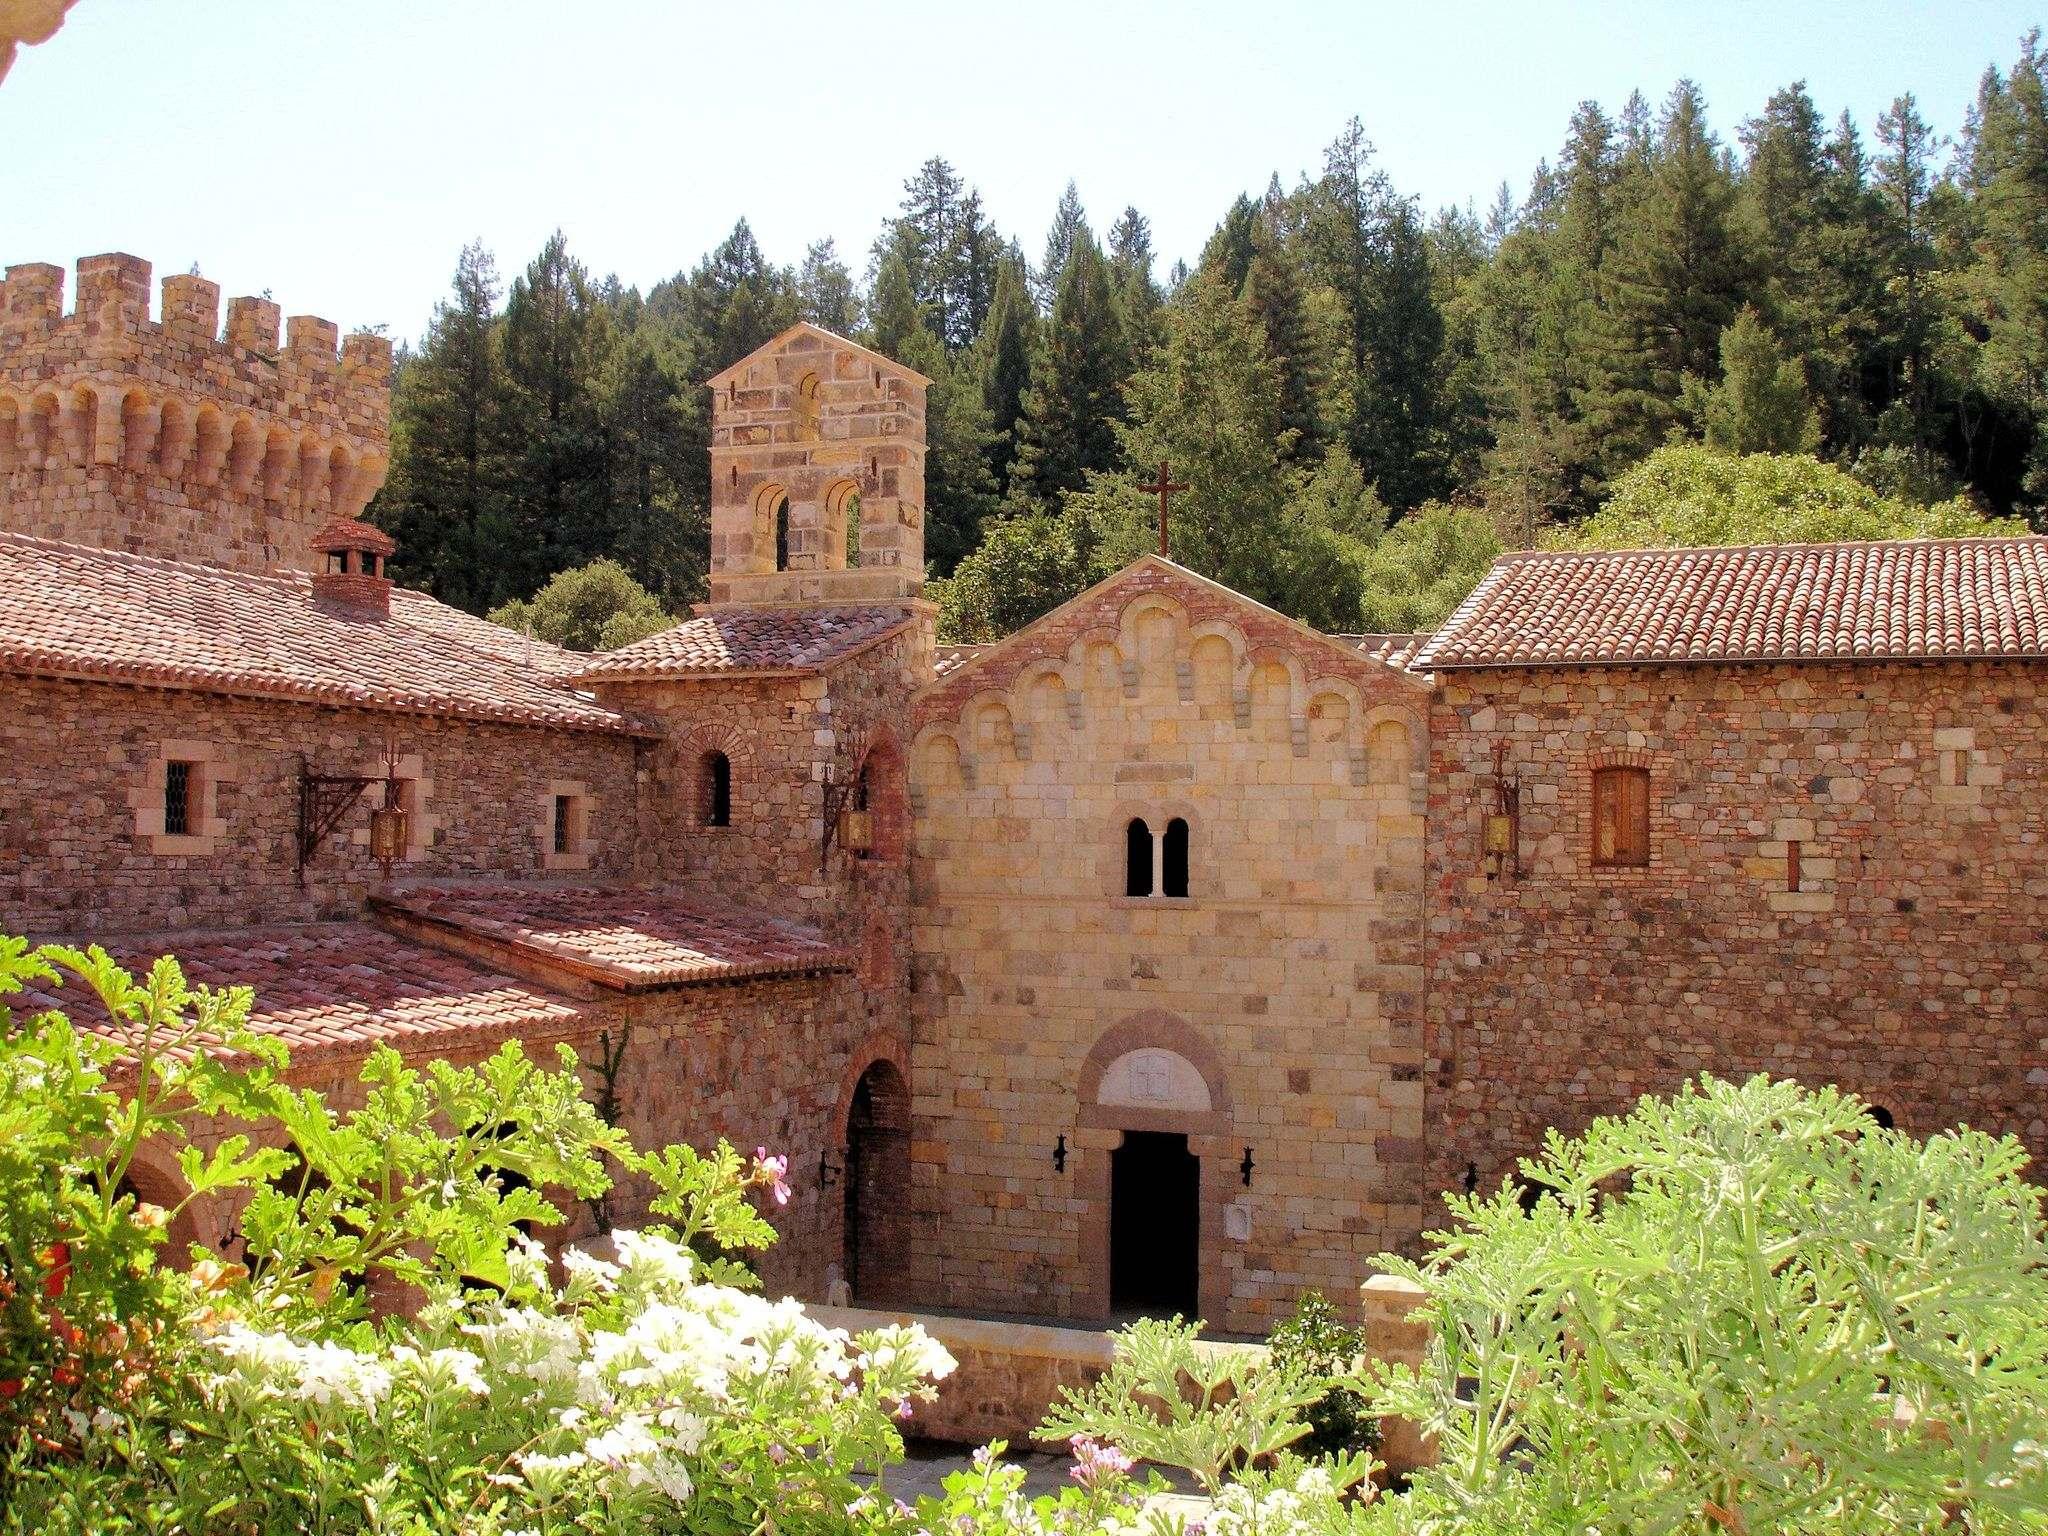 castello di amorosa9 Castello di Amorosa Winery in Napa Valley, California